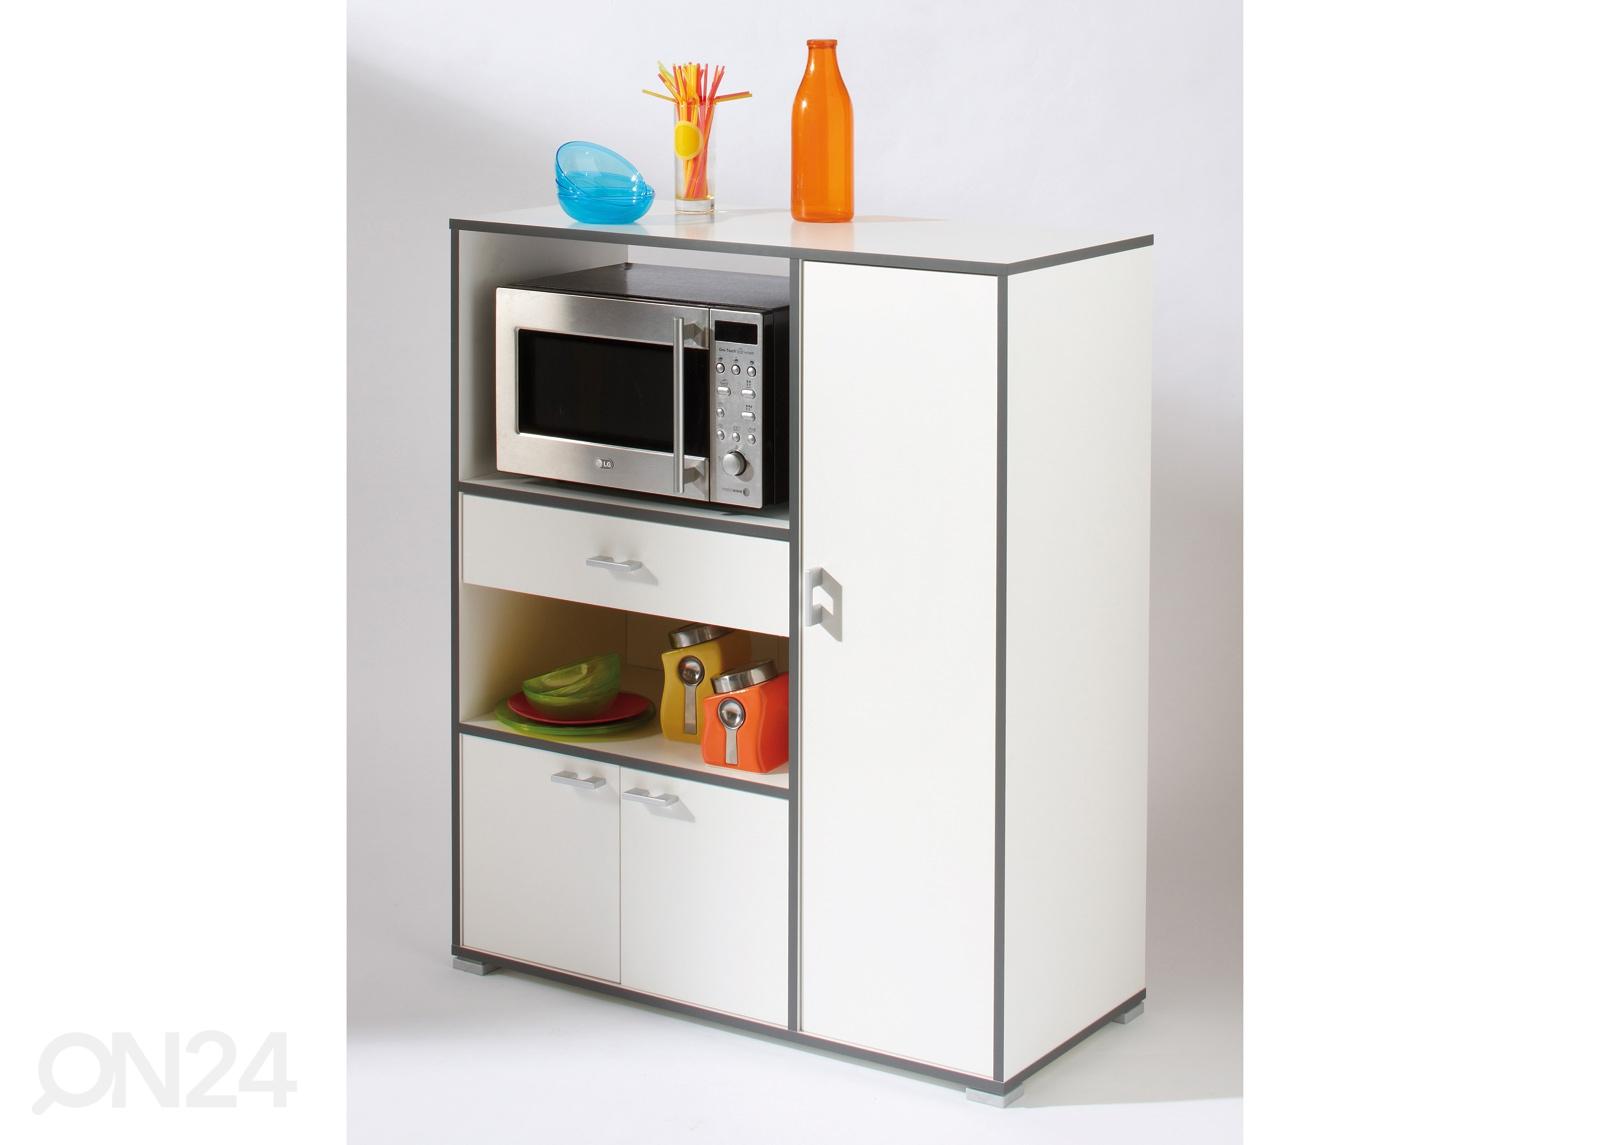 Keittiökaappi  hylly BUZZ CM 60597  ON24 Sisustustavaratalo